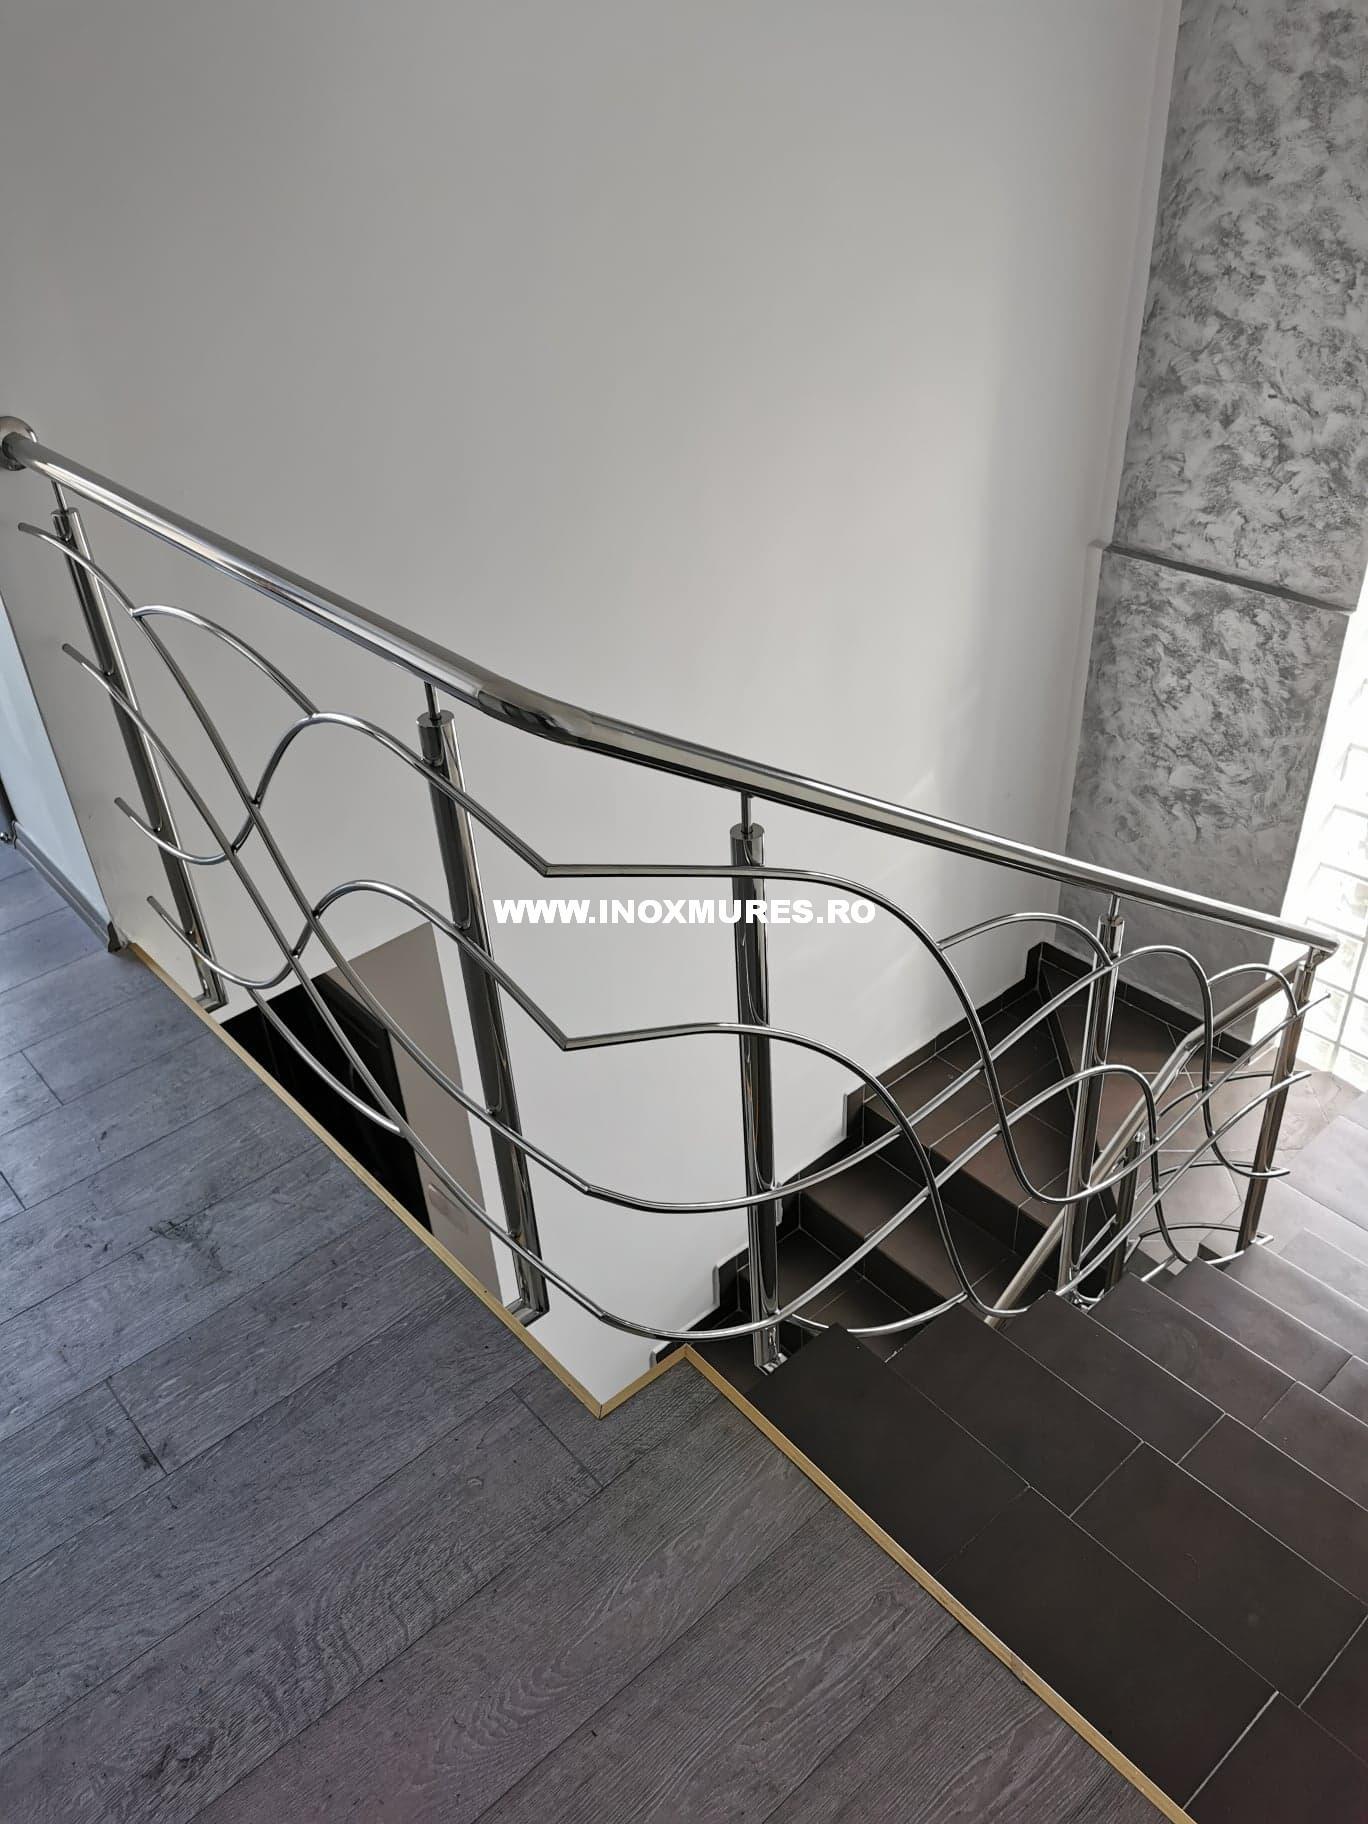 Balustrada din inox Targu Mures 02.03.2021